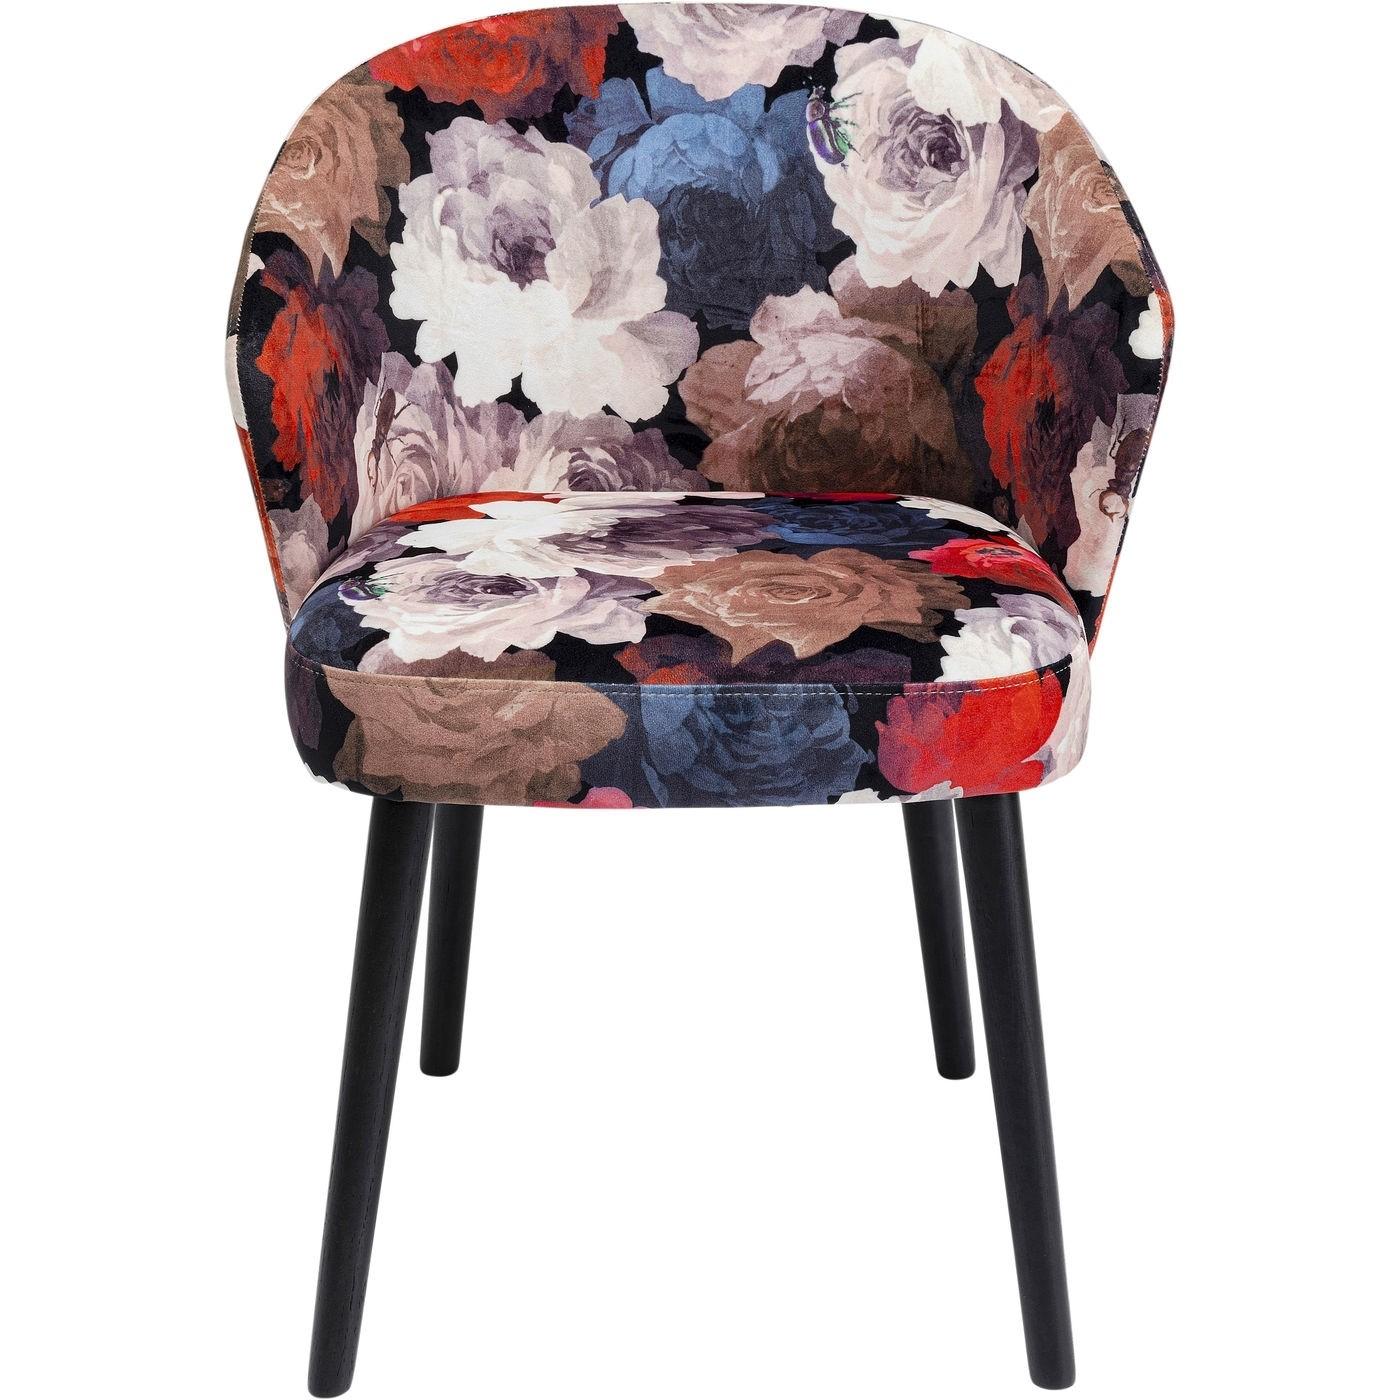 KARE DESIGN Peony spisebordsstol, m. armlæn - multifarvet stof, m. røde blomster og sorte træben